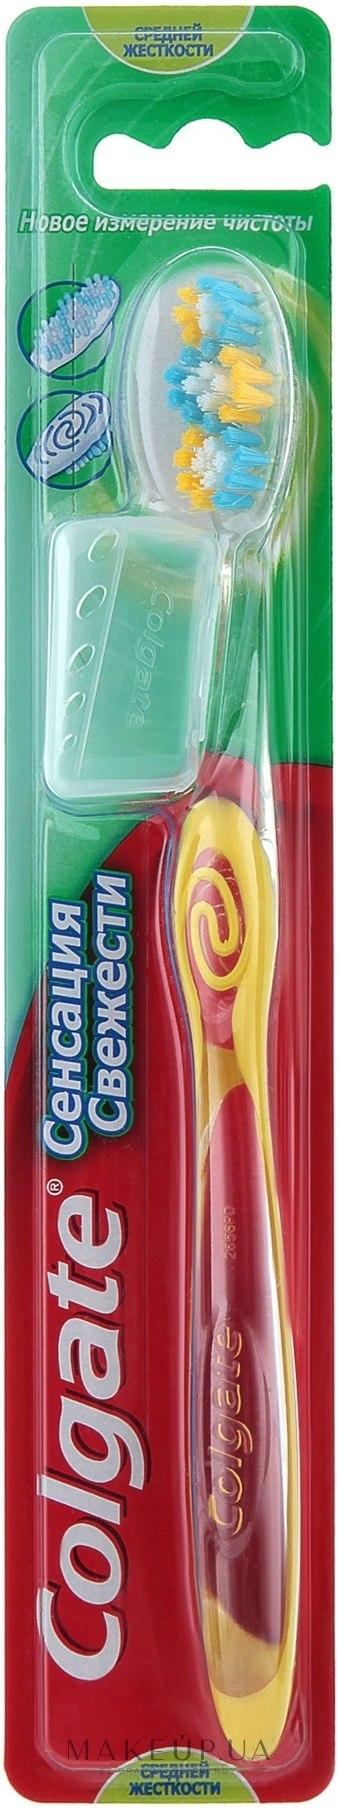 Colgate сенсация свежести средней жесткости Зубная щетка